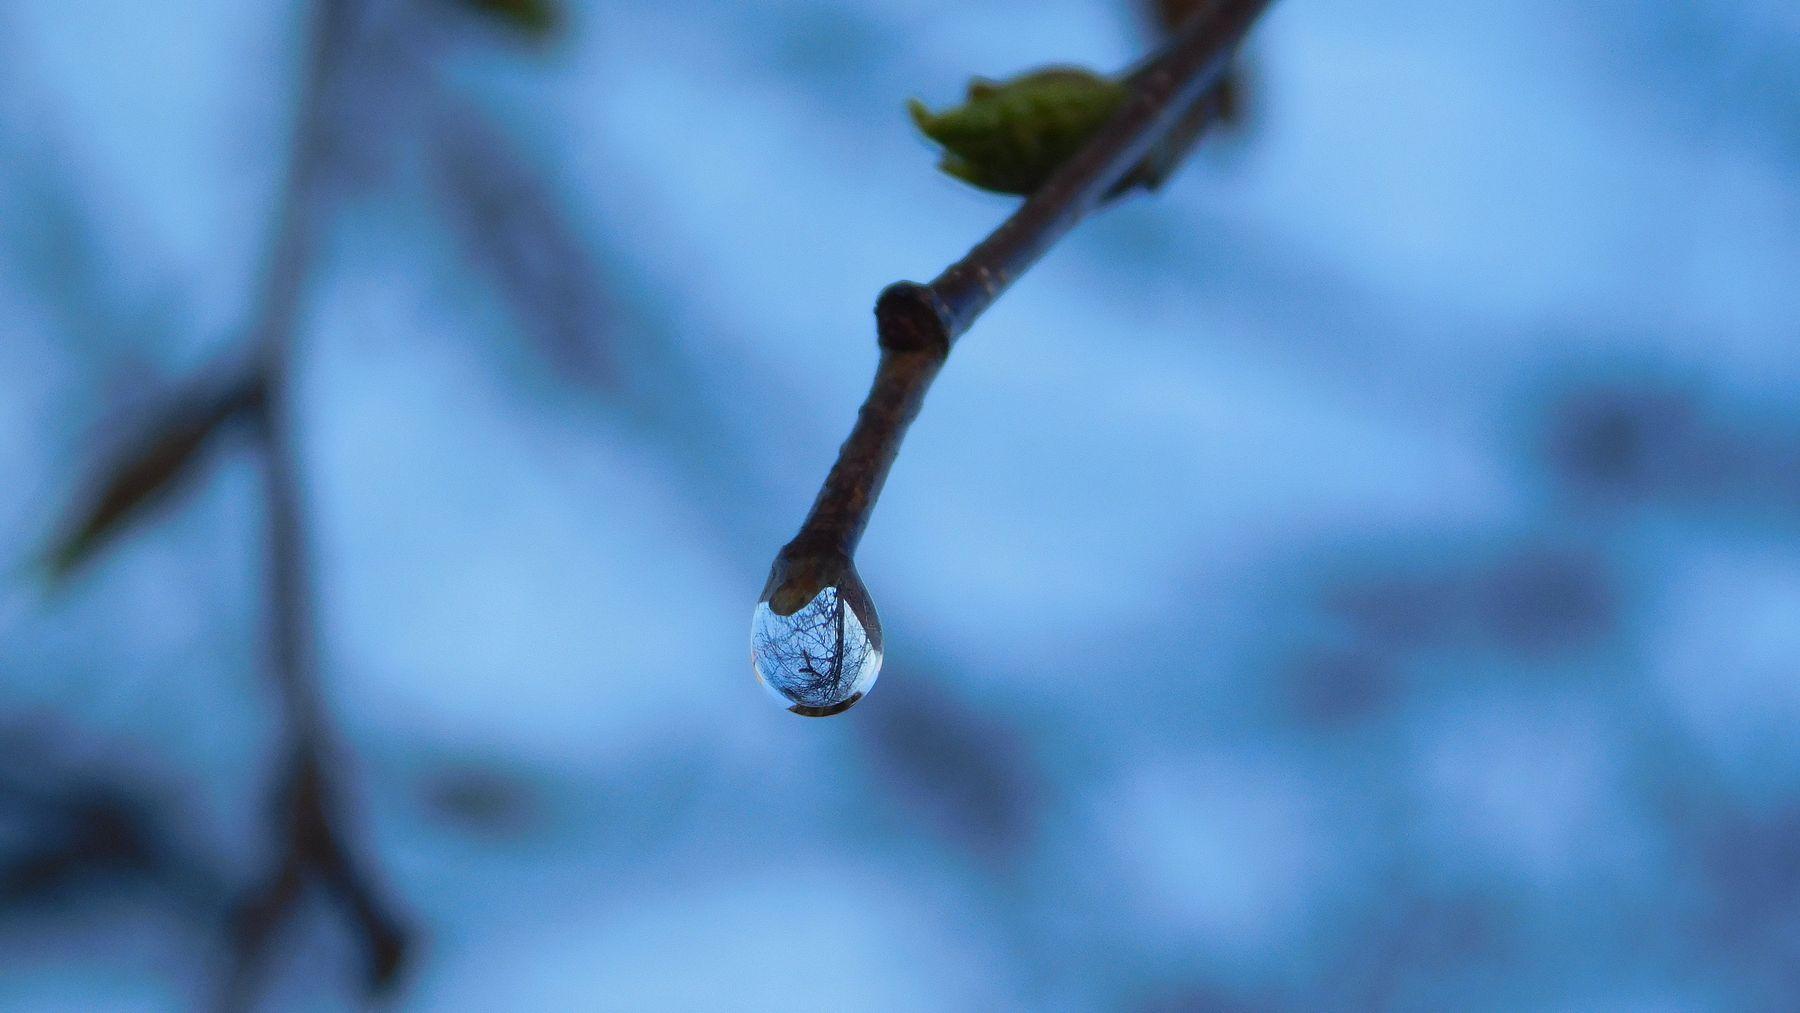 Березовый сок весна макро береза вода капля отражение